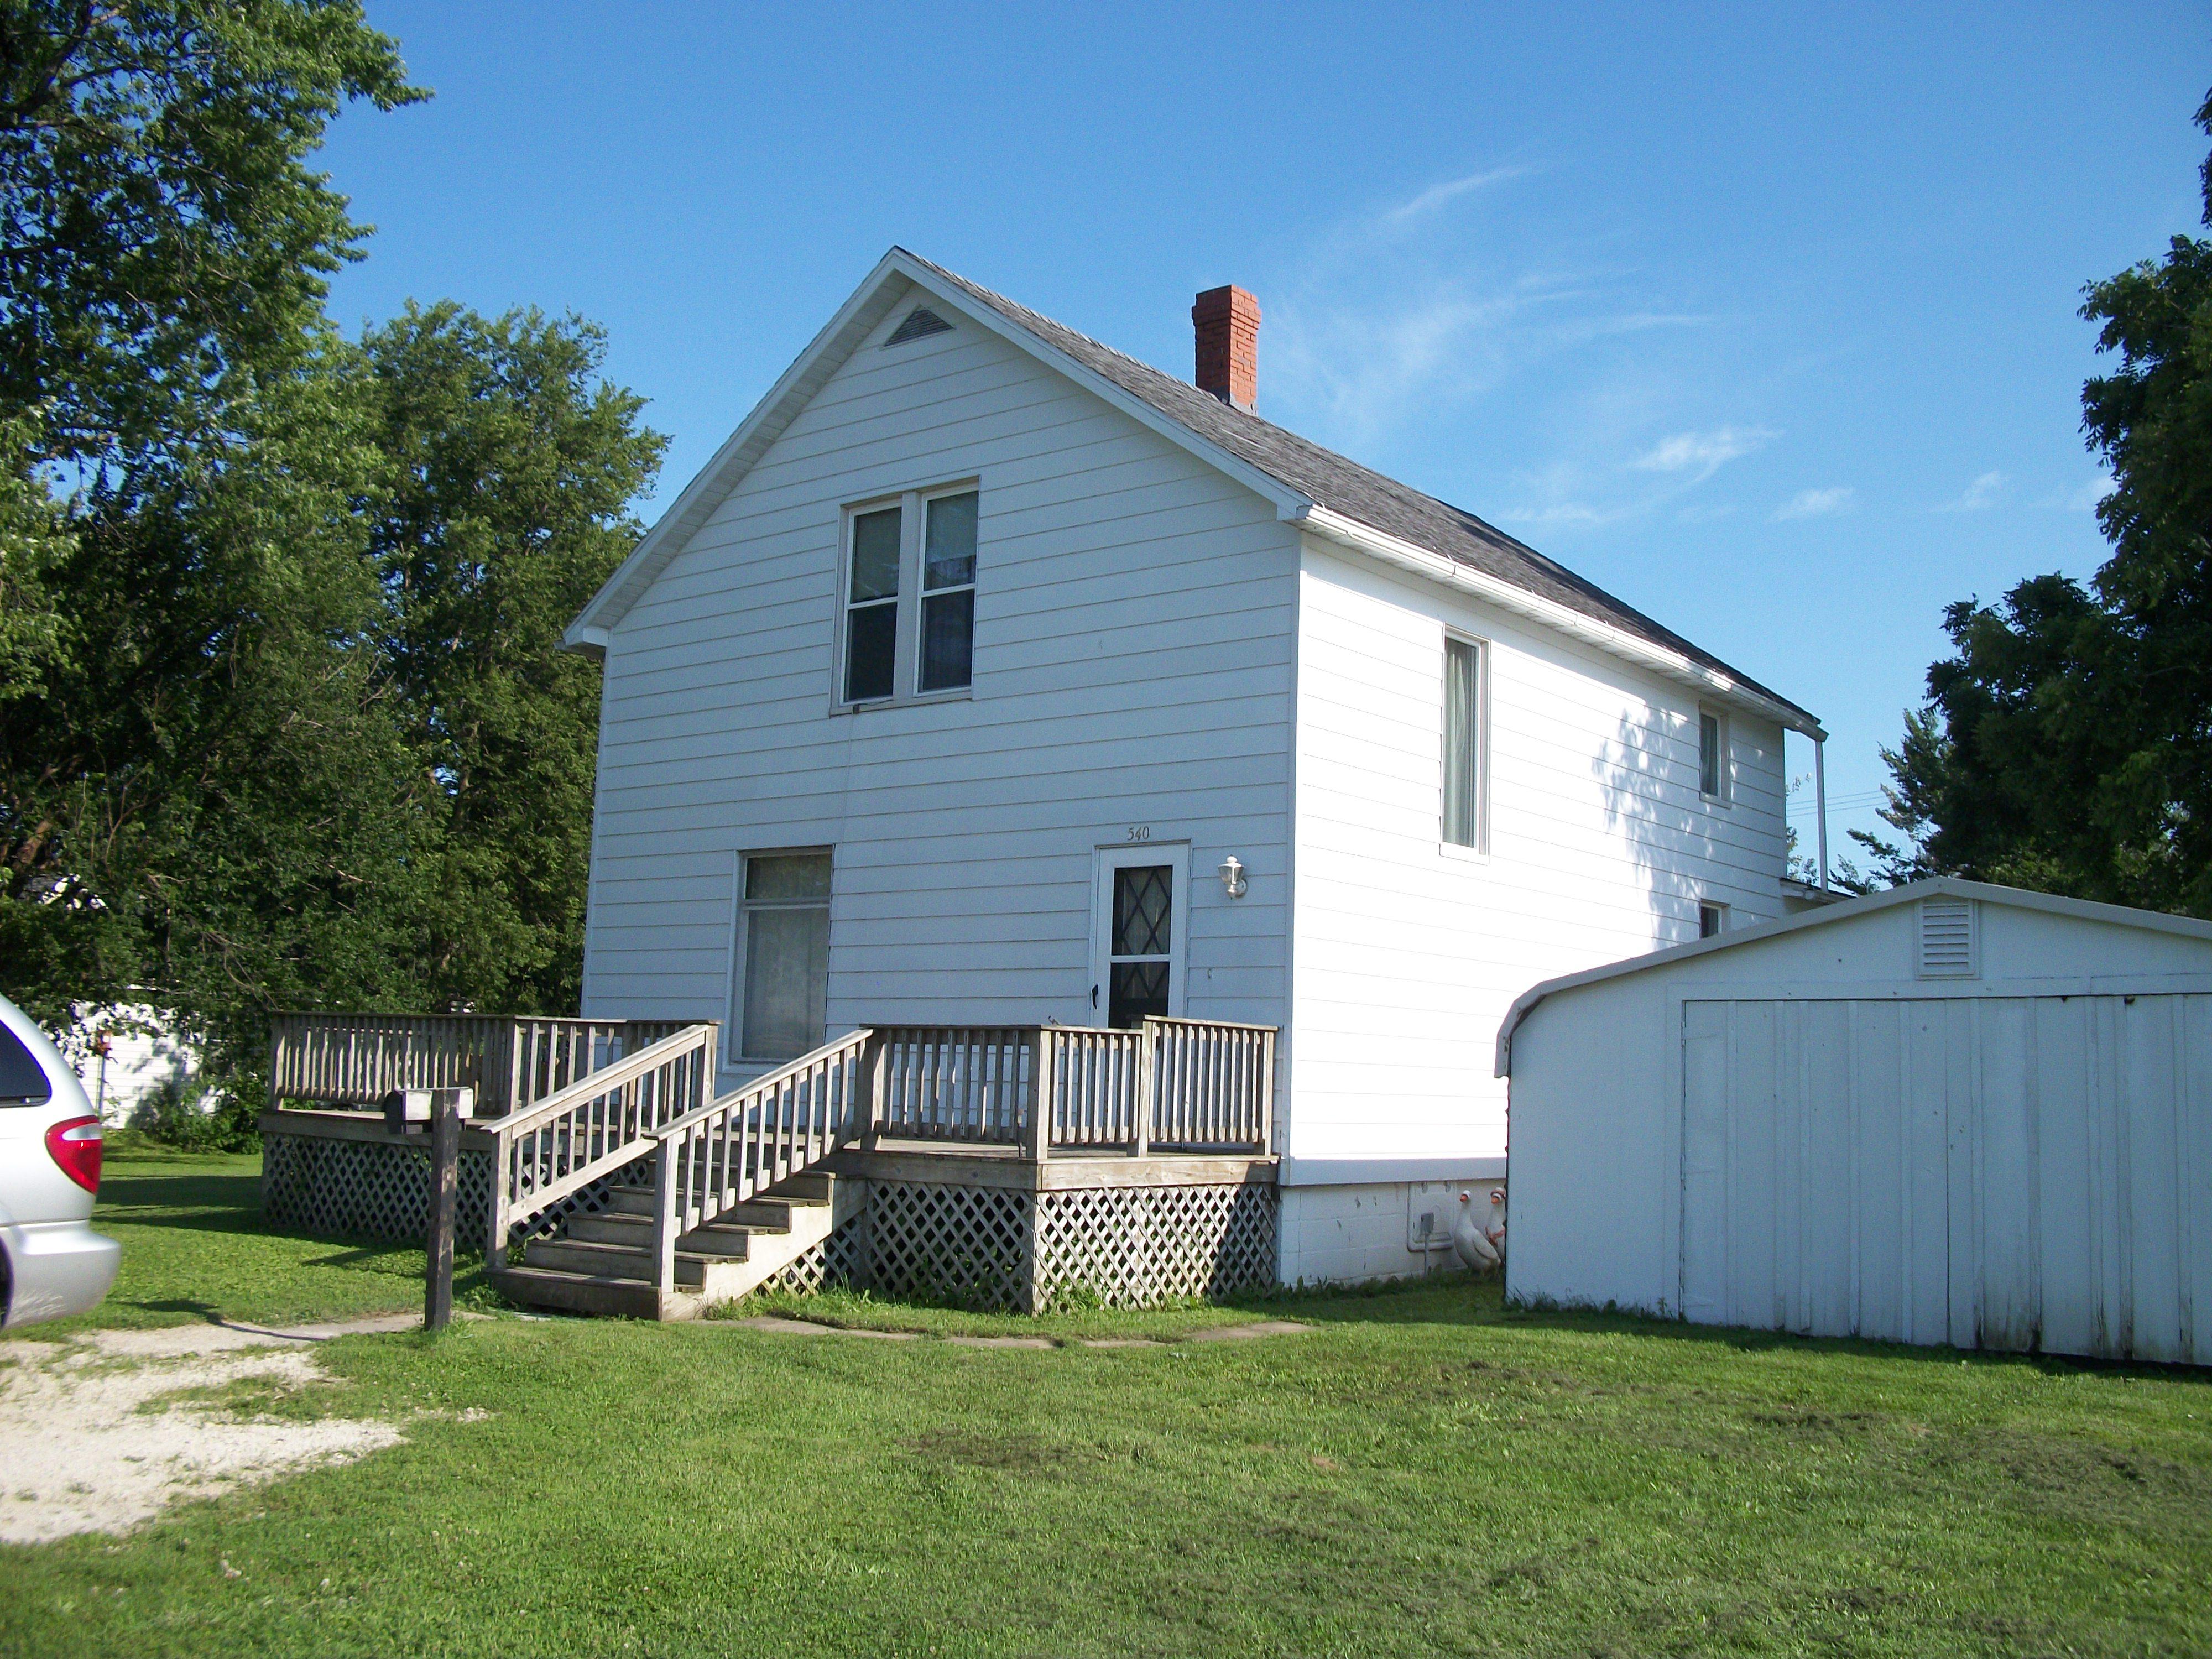 540 W Pine, Paxton, Illinois 60957